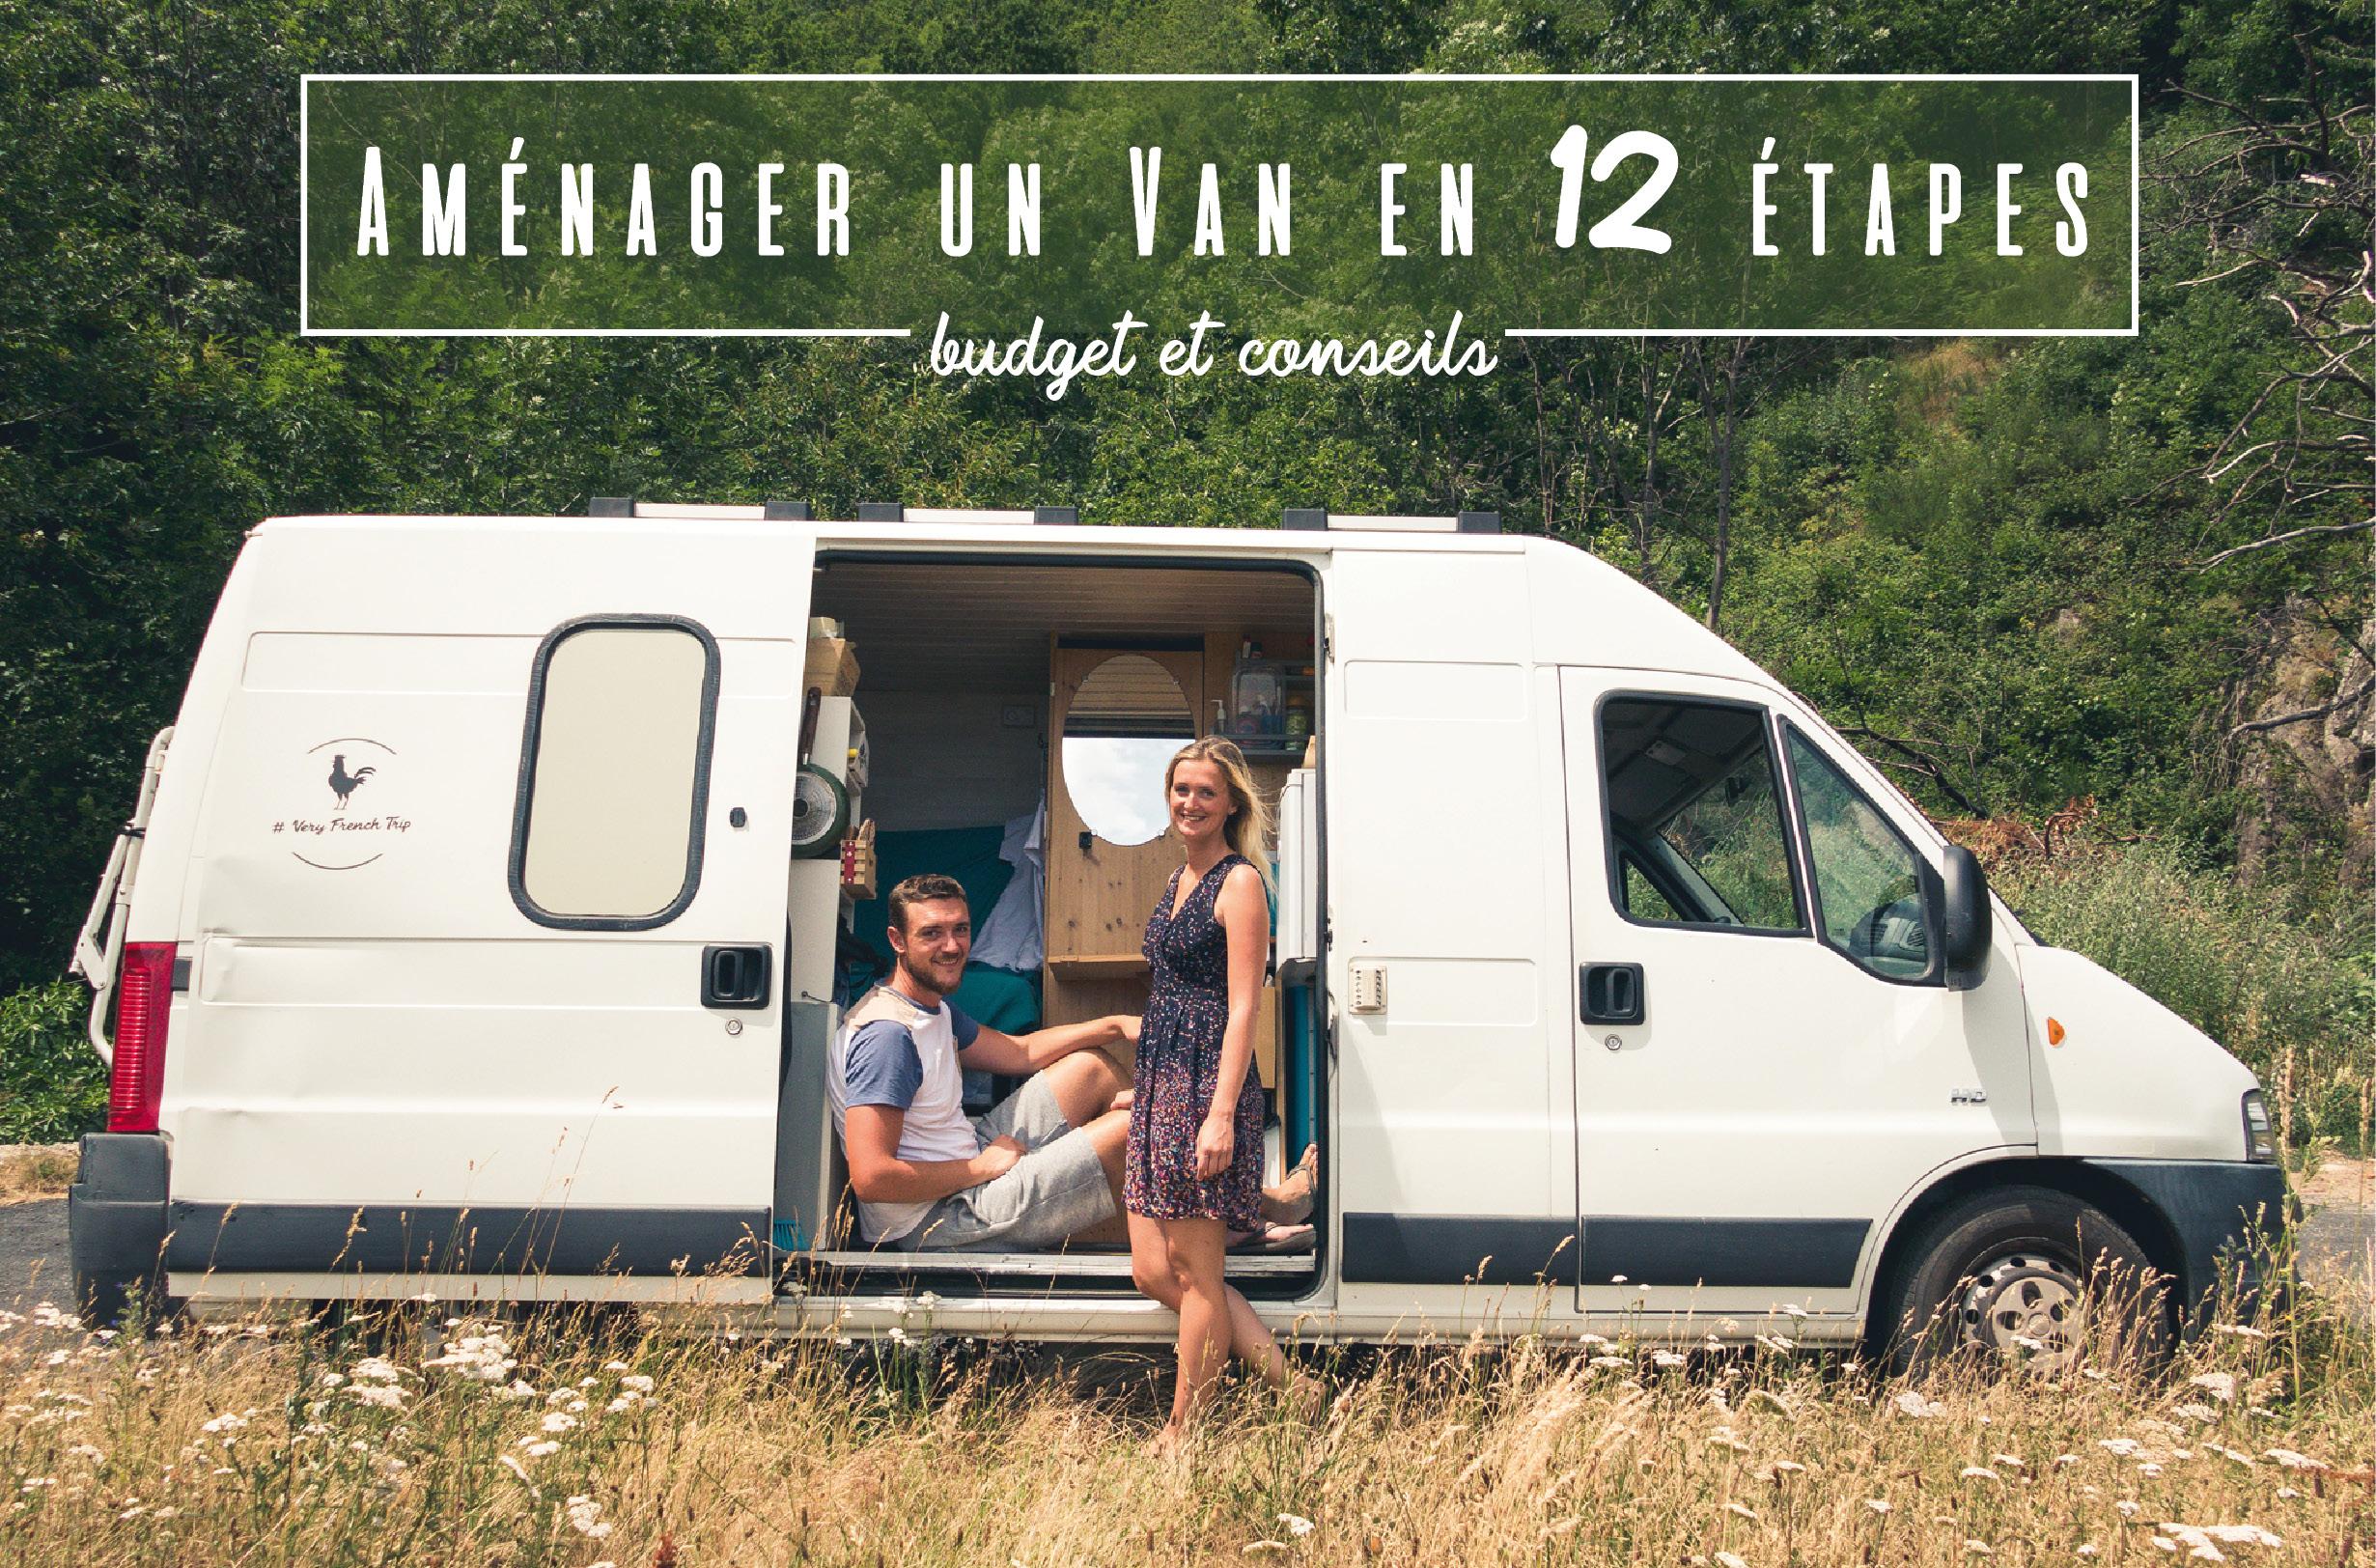 Amenager Un Van En 12 Etapes Budget Et Conseils